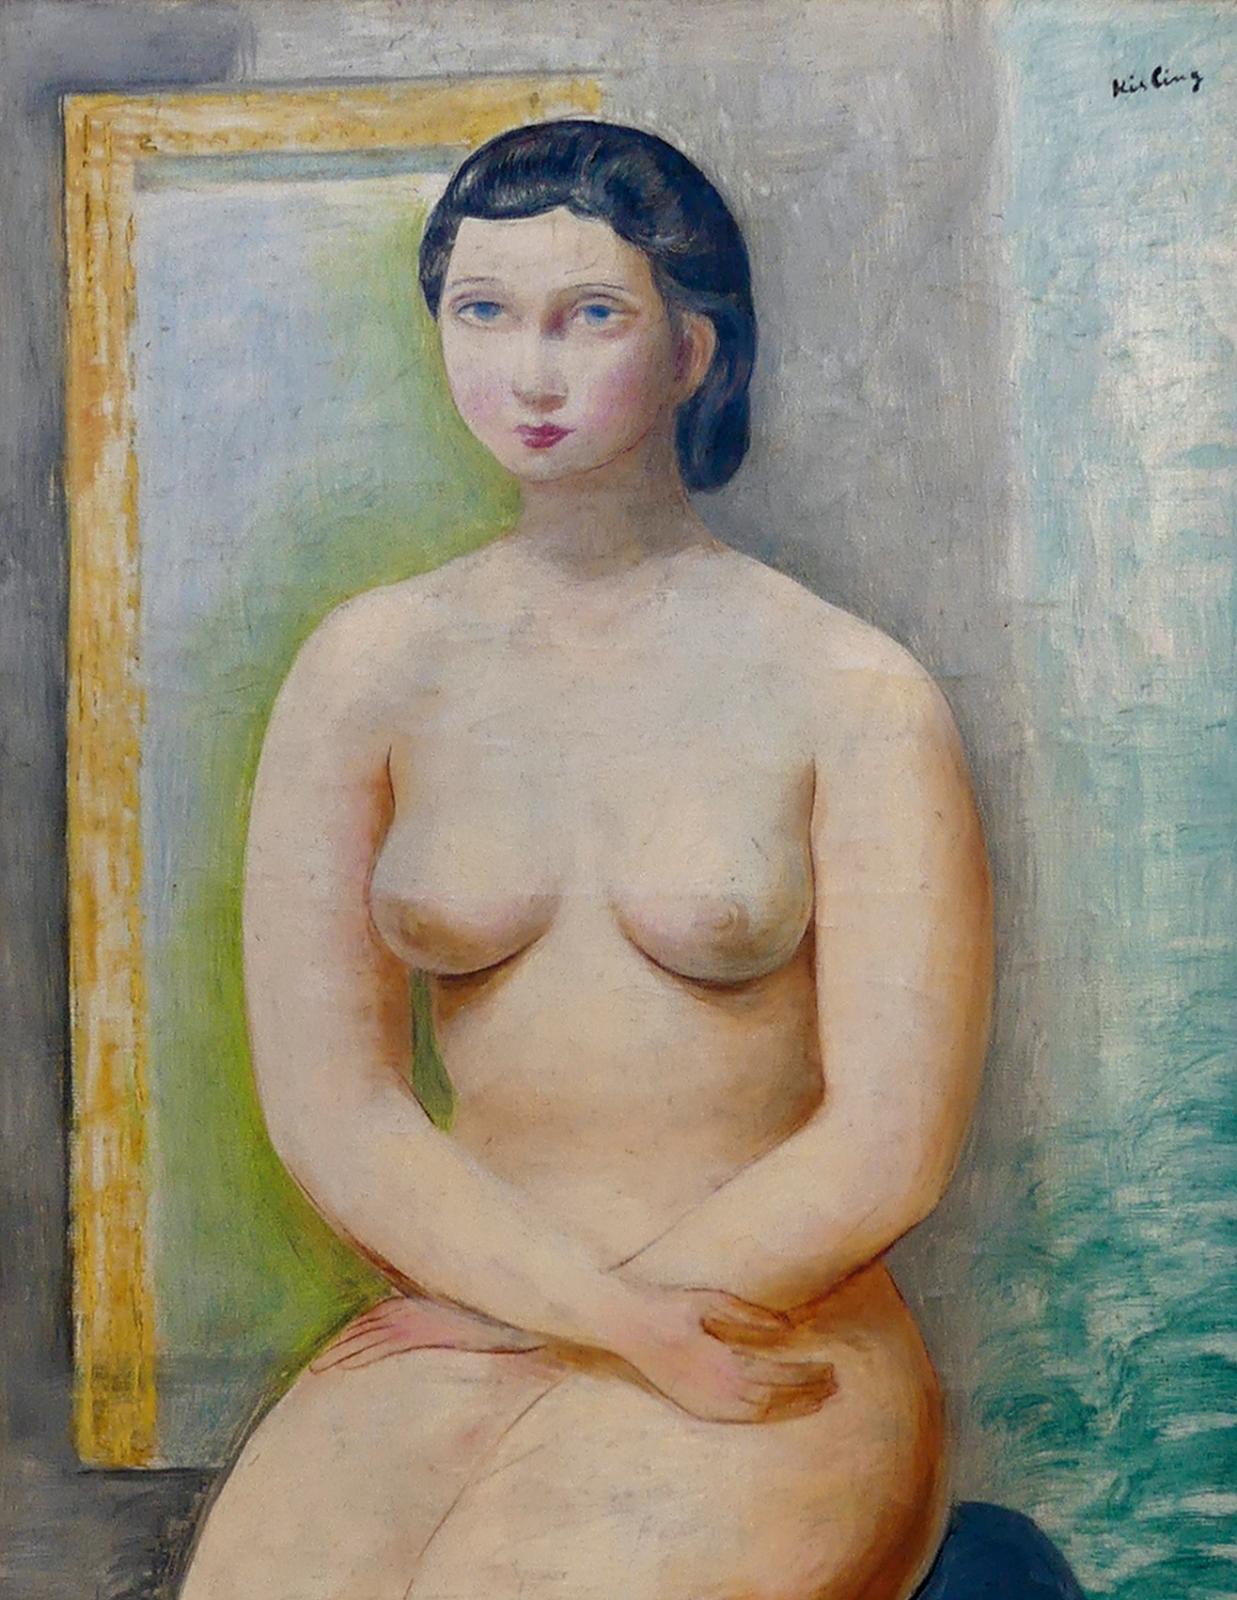 Sur les cimaises, Moïse Kisling (1891-1953) était également bien représenté, à travers deux toiles emblématiques. La plus désirée, à 5145